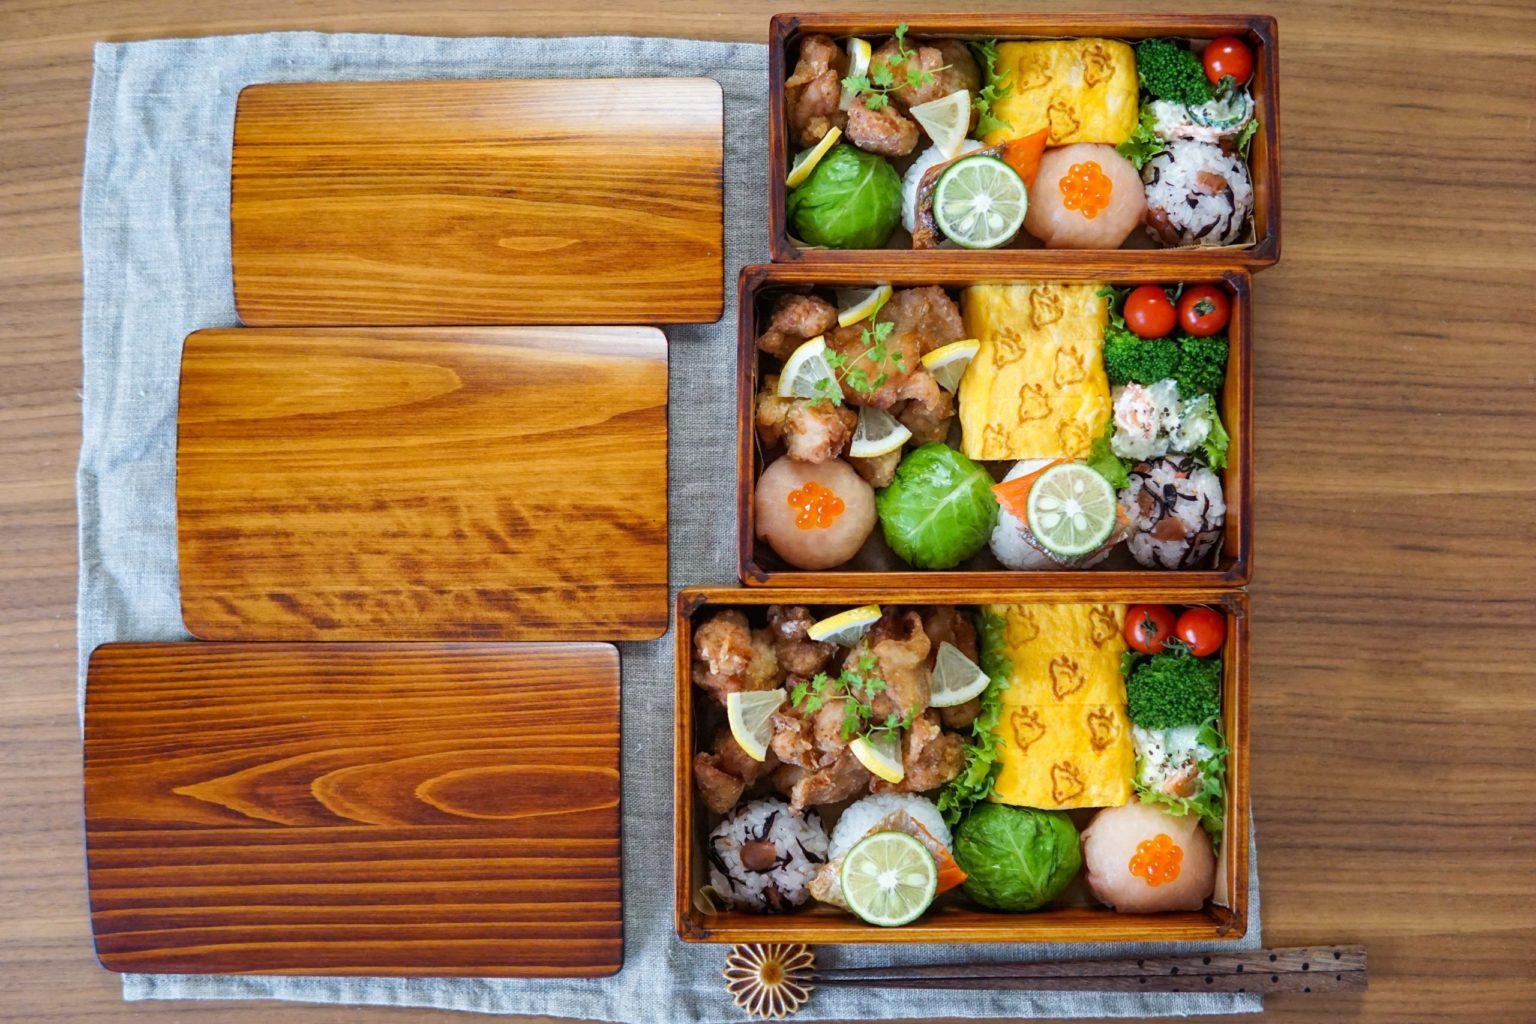 日本製 木製弁当箱 漆塗り 高級感あるお弁当箱 木の弁当 大分県